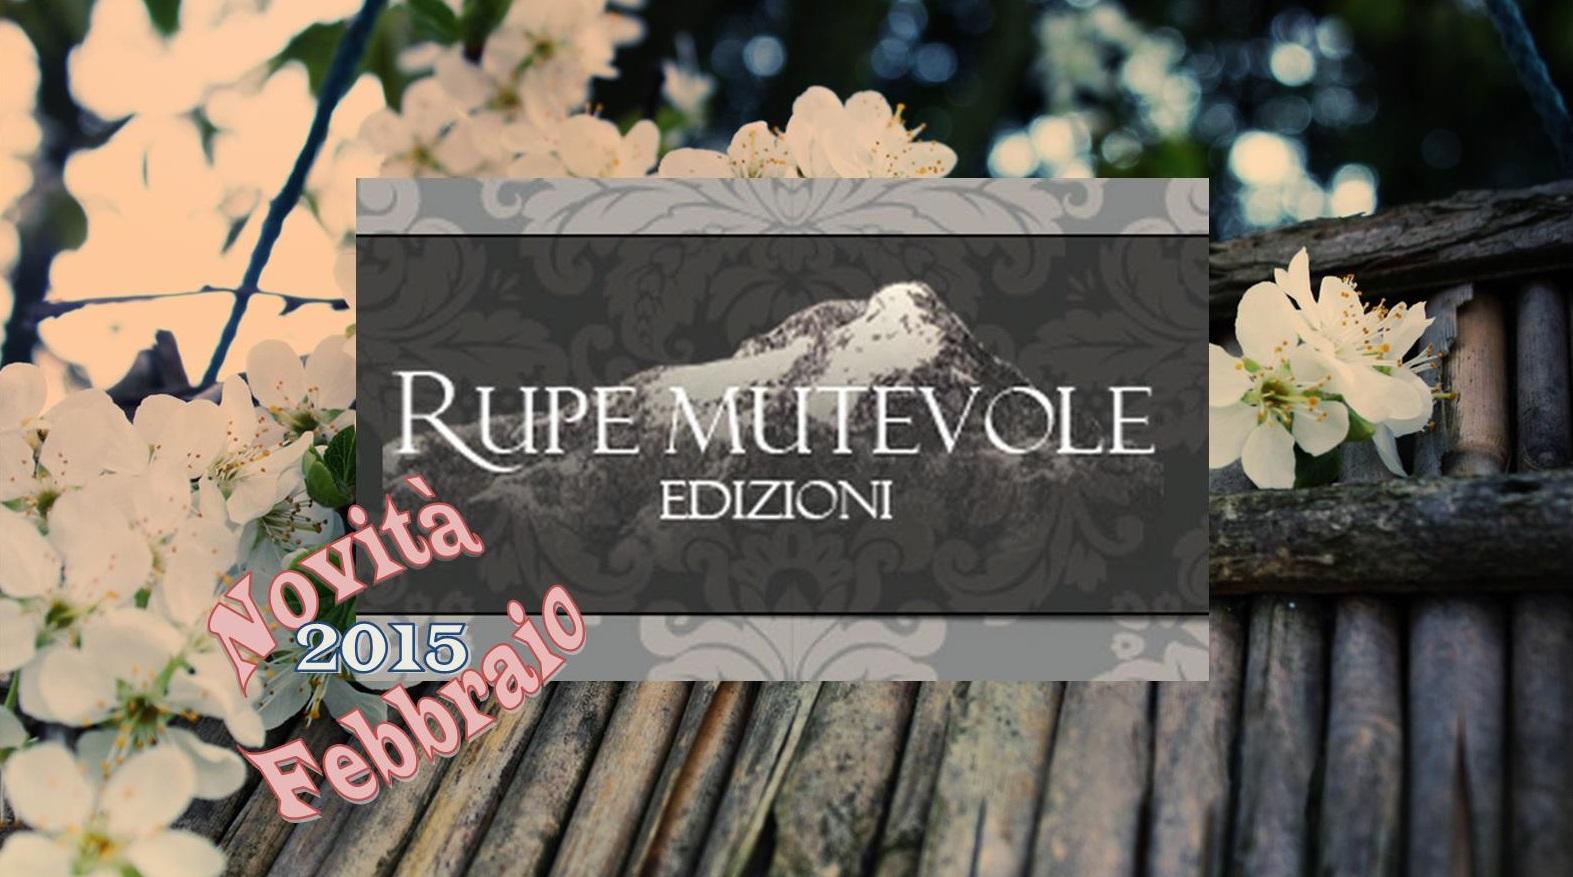 Le novità editoriali di febbraio 2015 della casa editrice Rupe Mutevole Edizioni